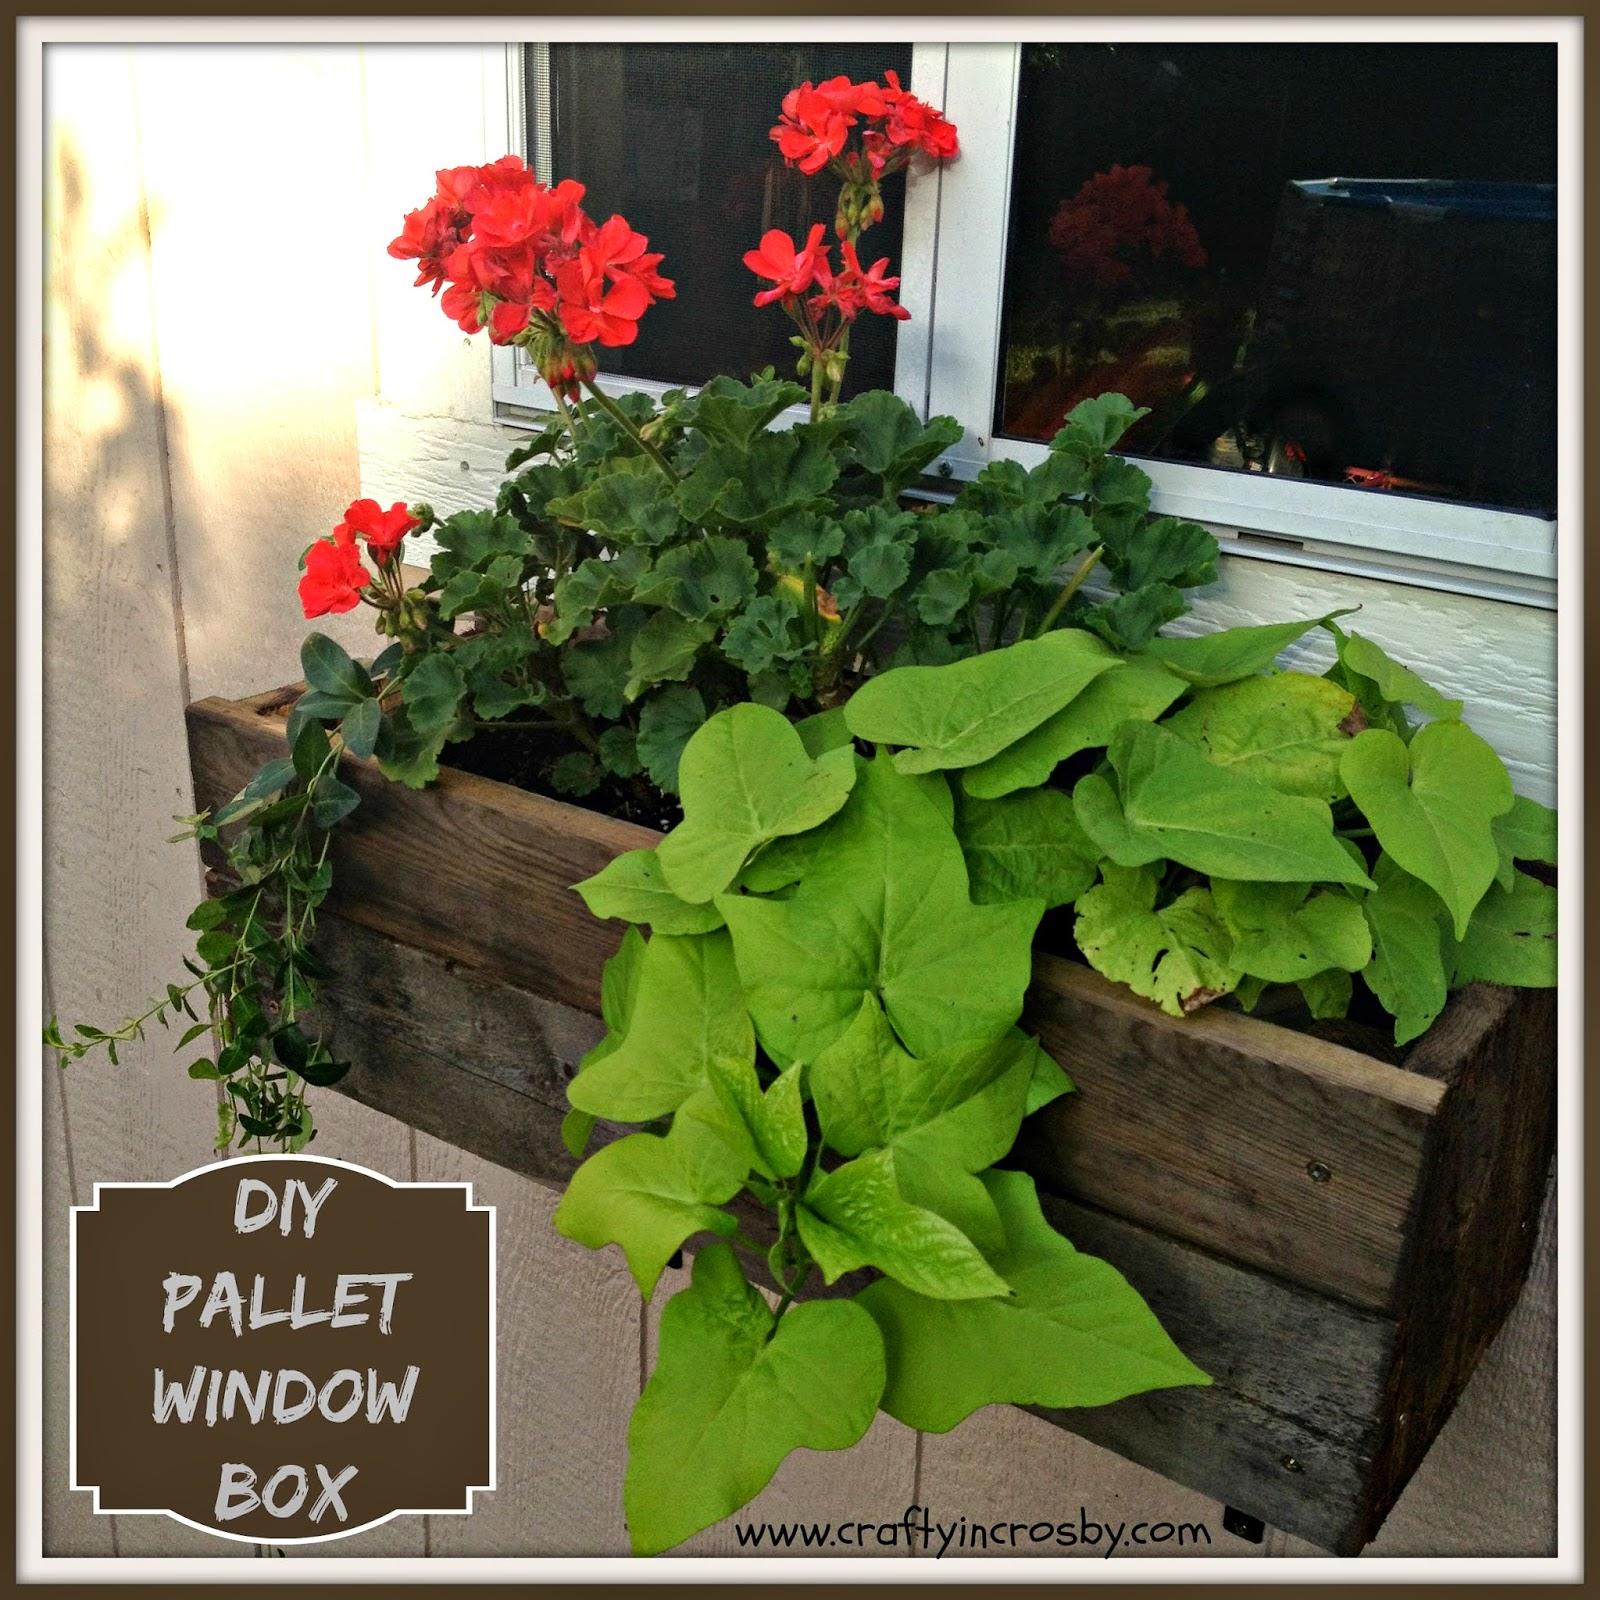 diy, Tuffshed, garden shed, window box, pallet diy